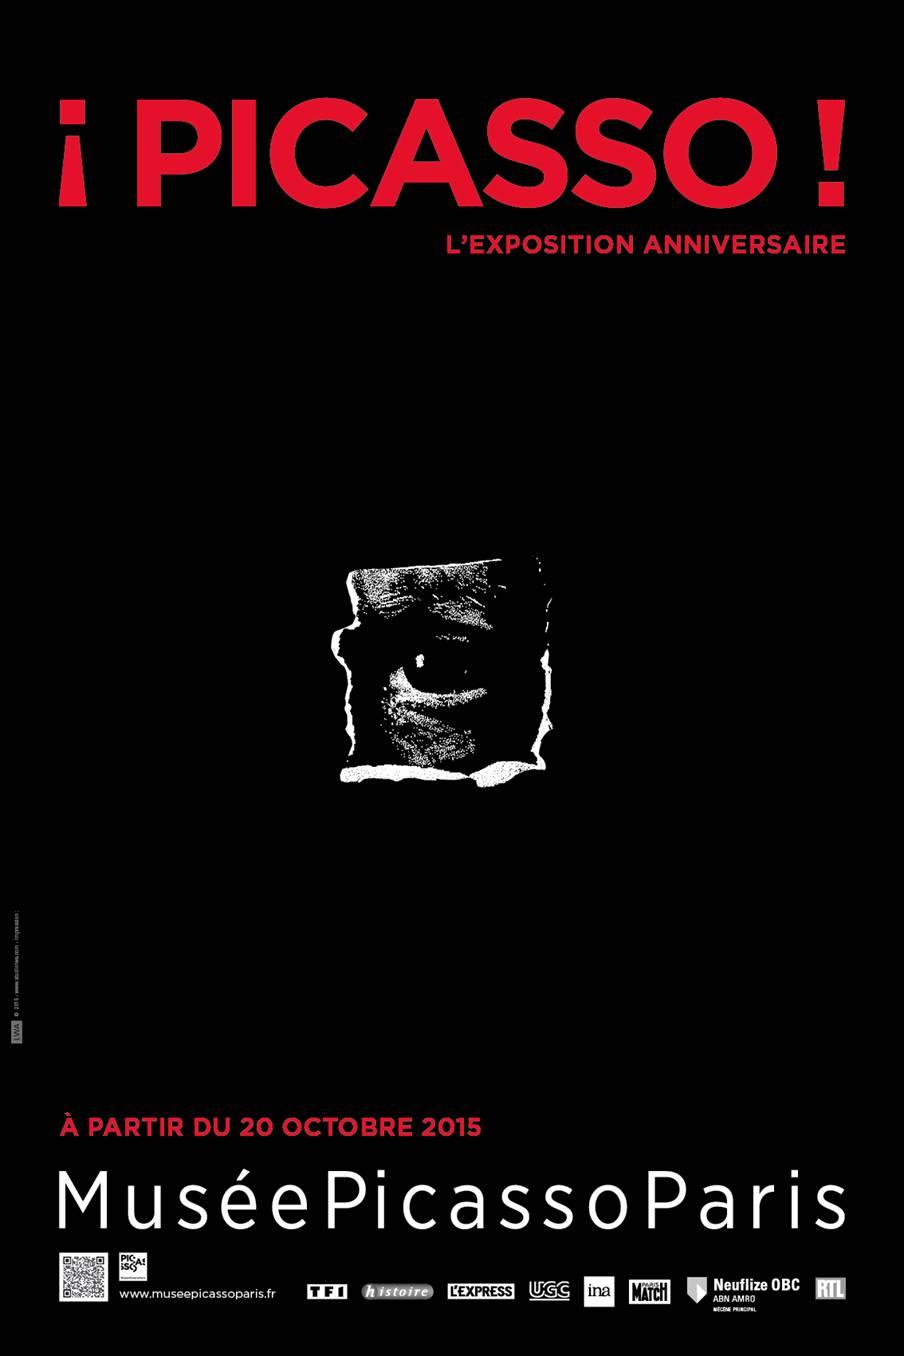 visuel picasso l'exposition anniversaire - Musée Pablo Picasso